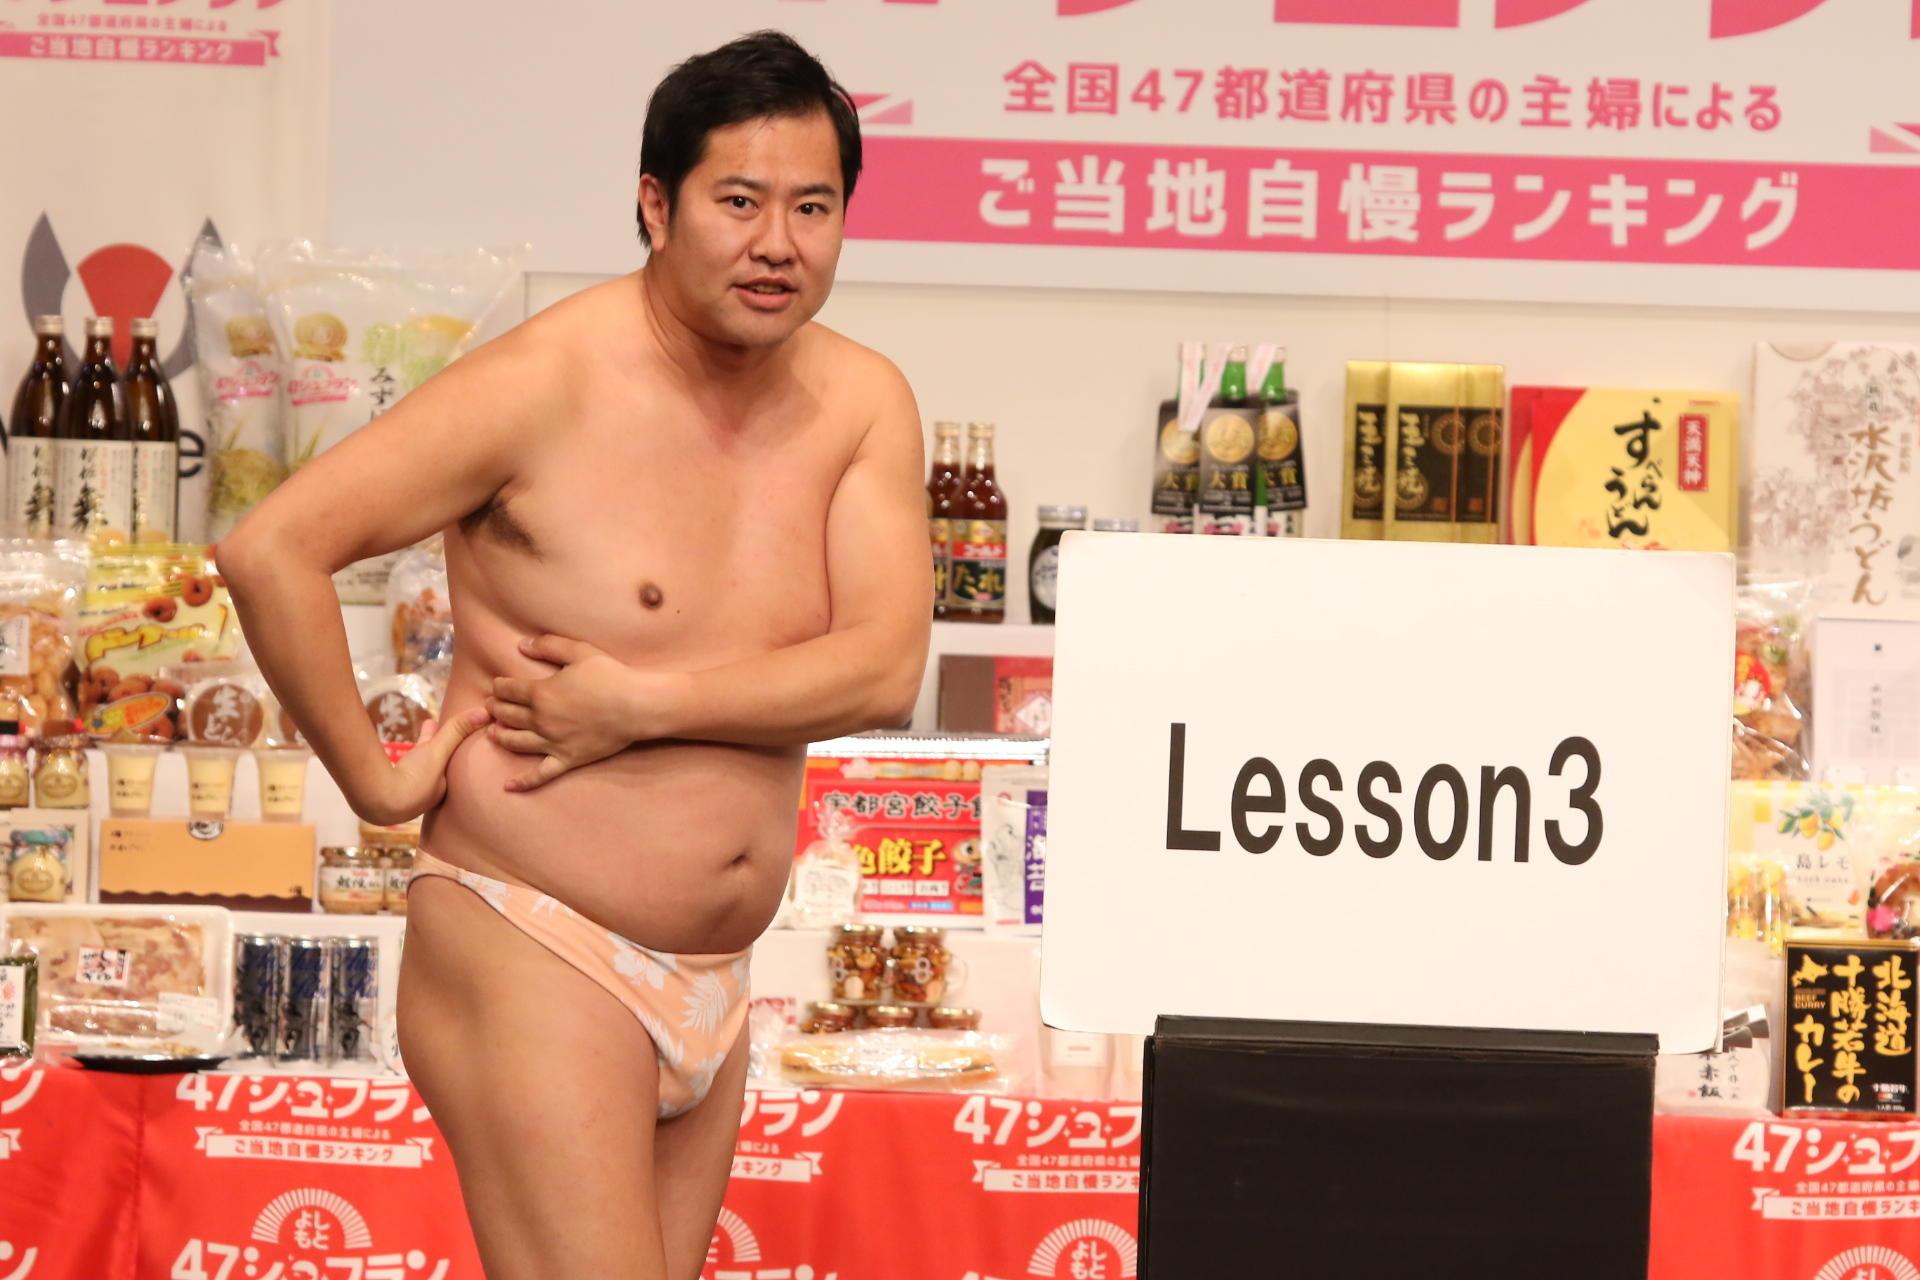 http://news.yoshimoto.co.jp/20180313170806-f773deaa8c9854056f581285f4f4cef3266a92aa.jpg